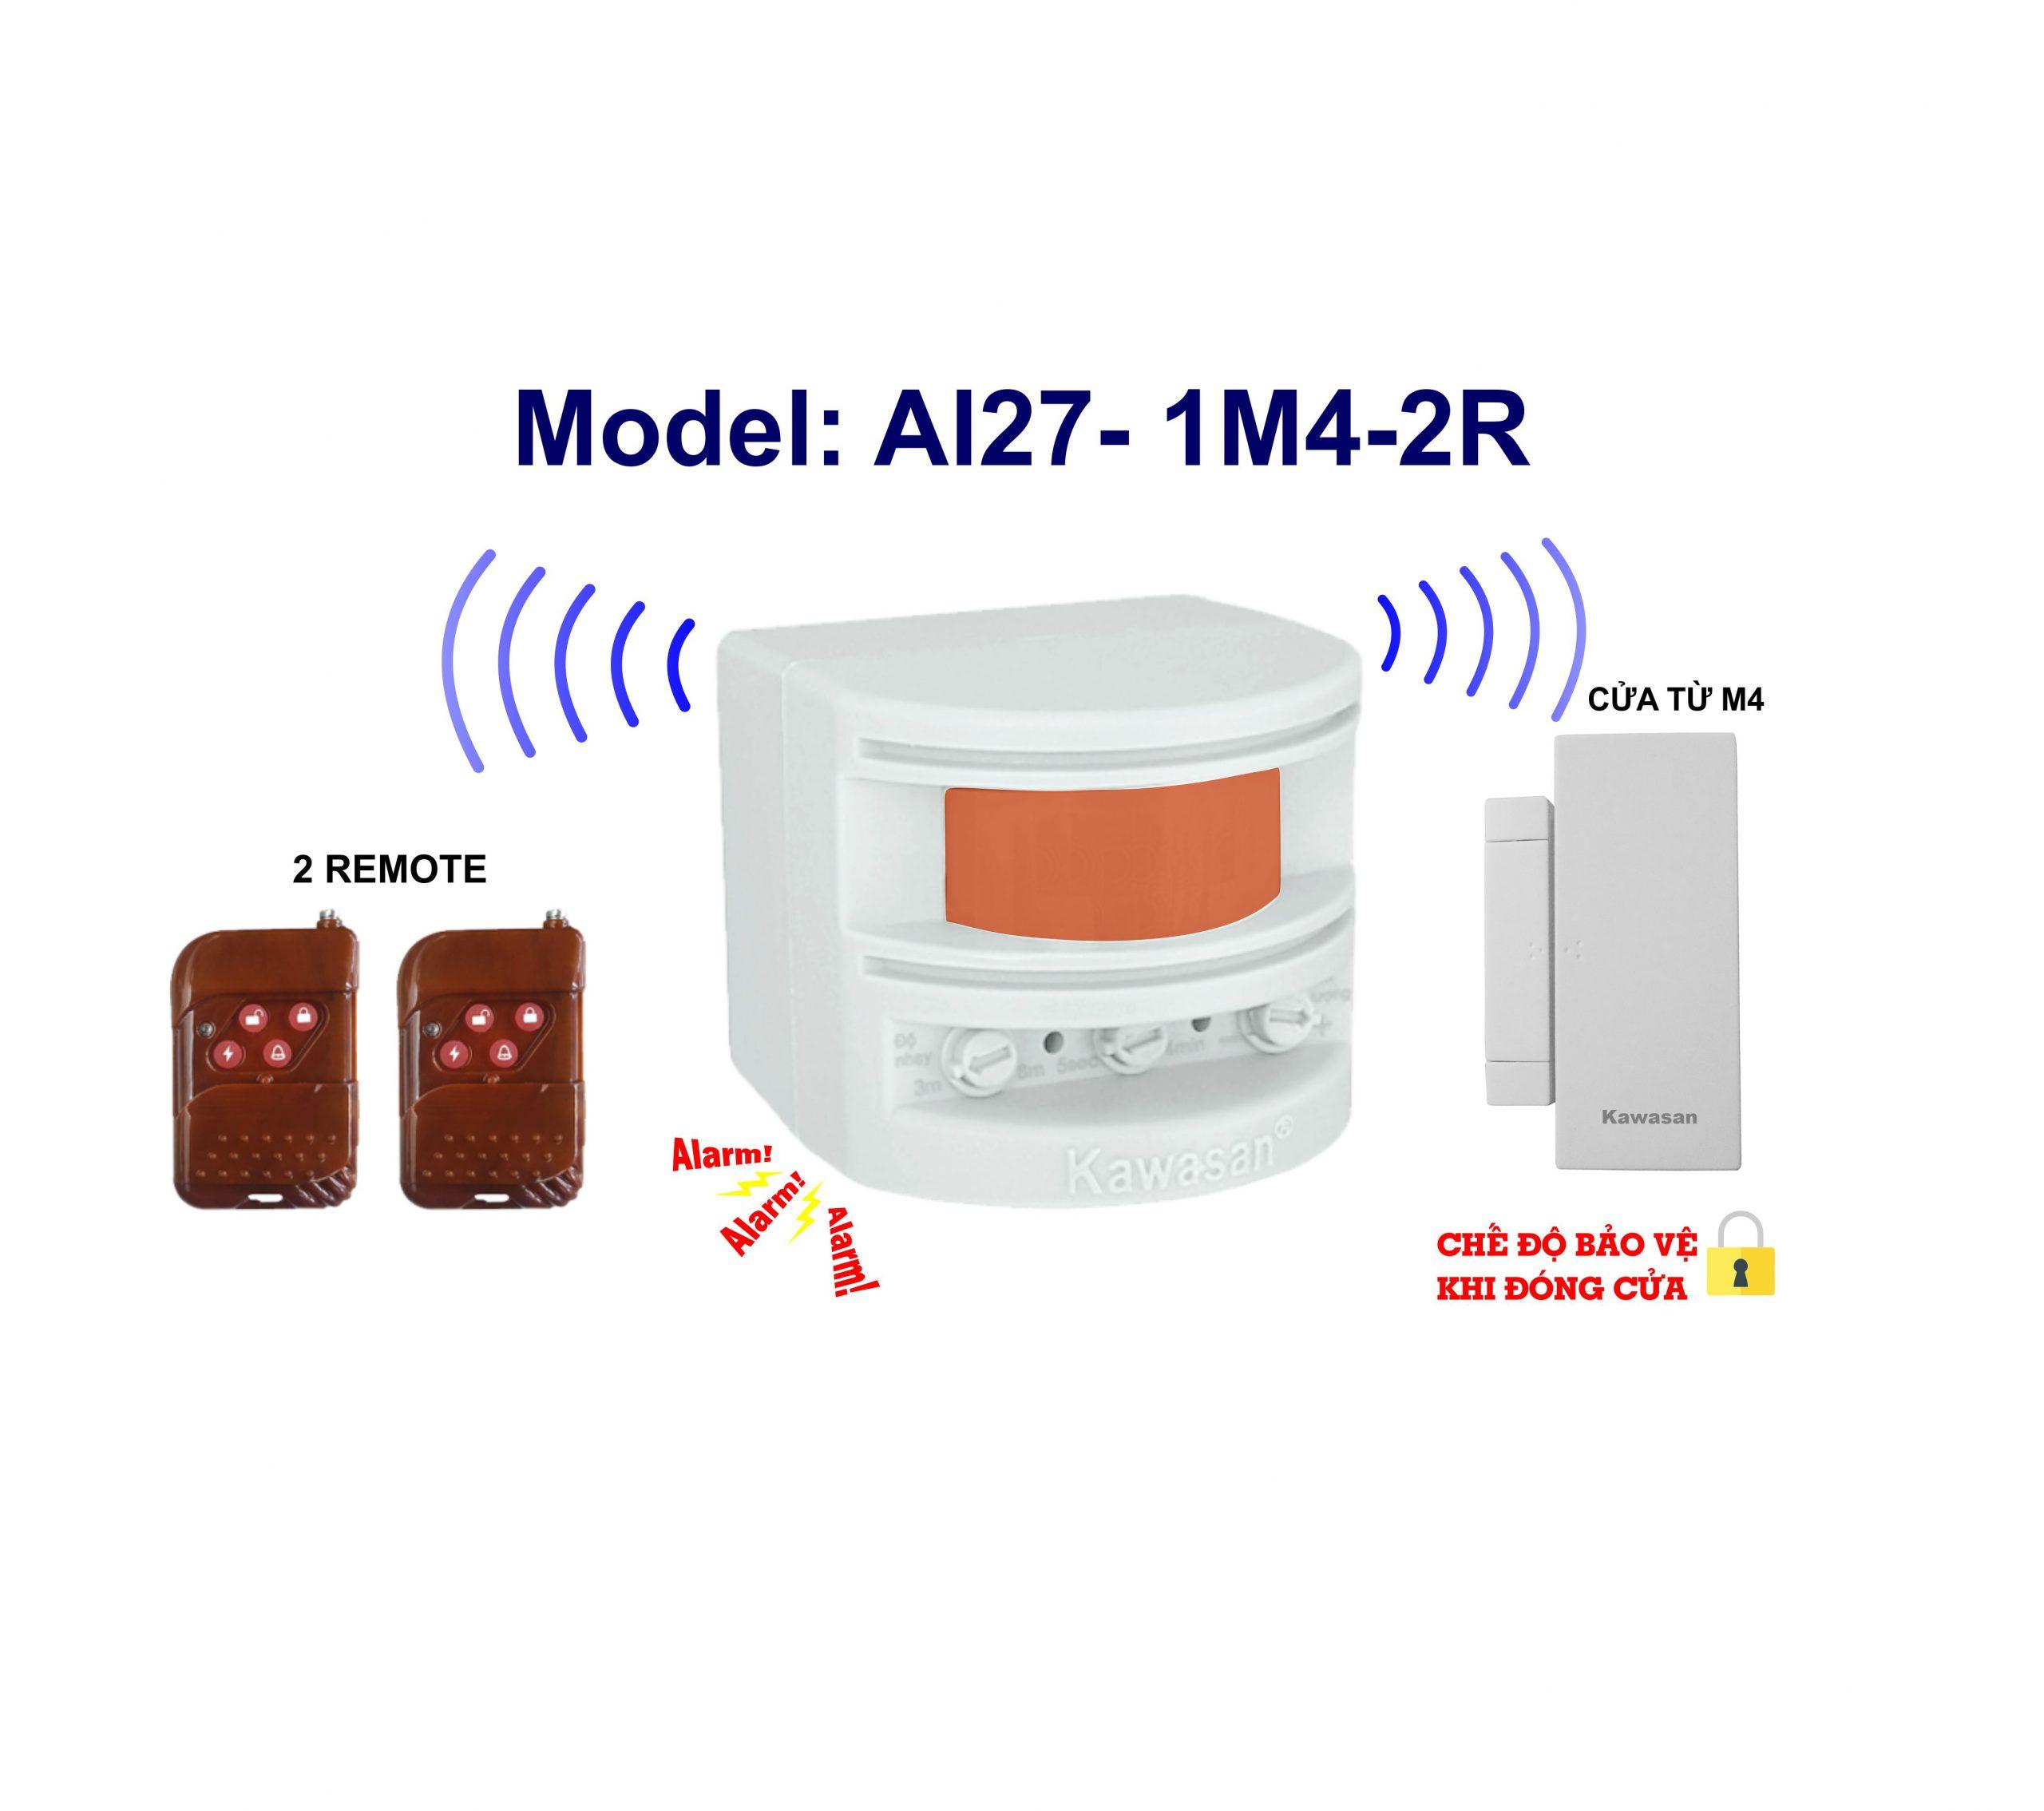 AL27-1M4-2R